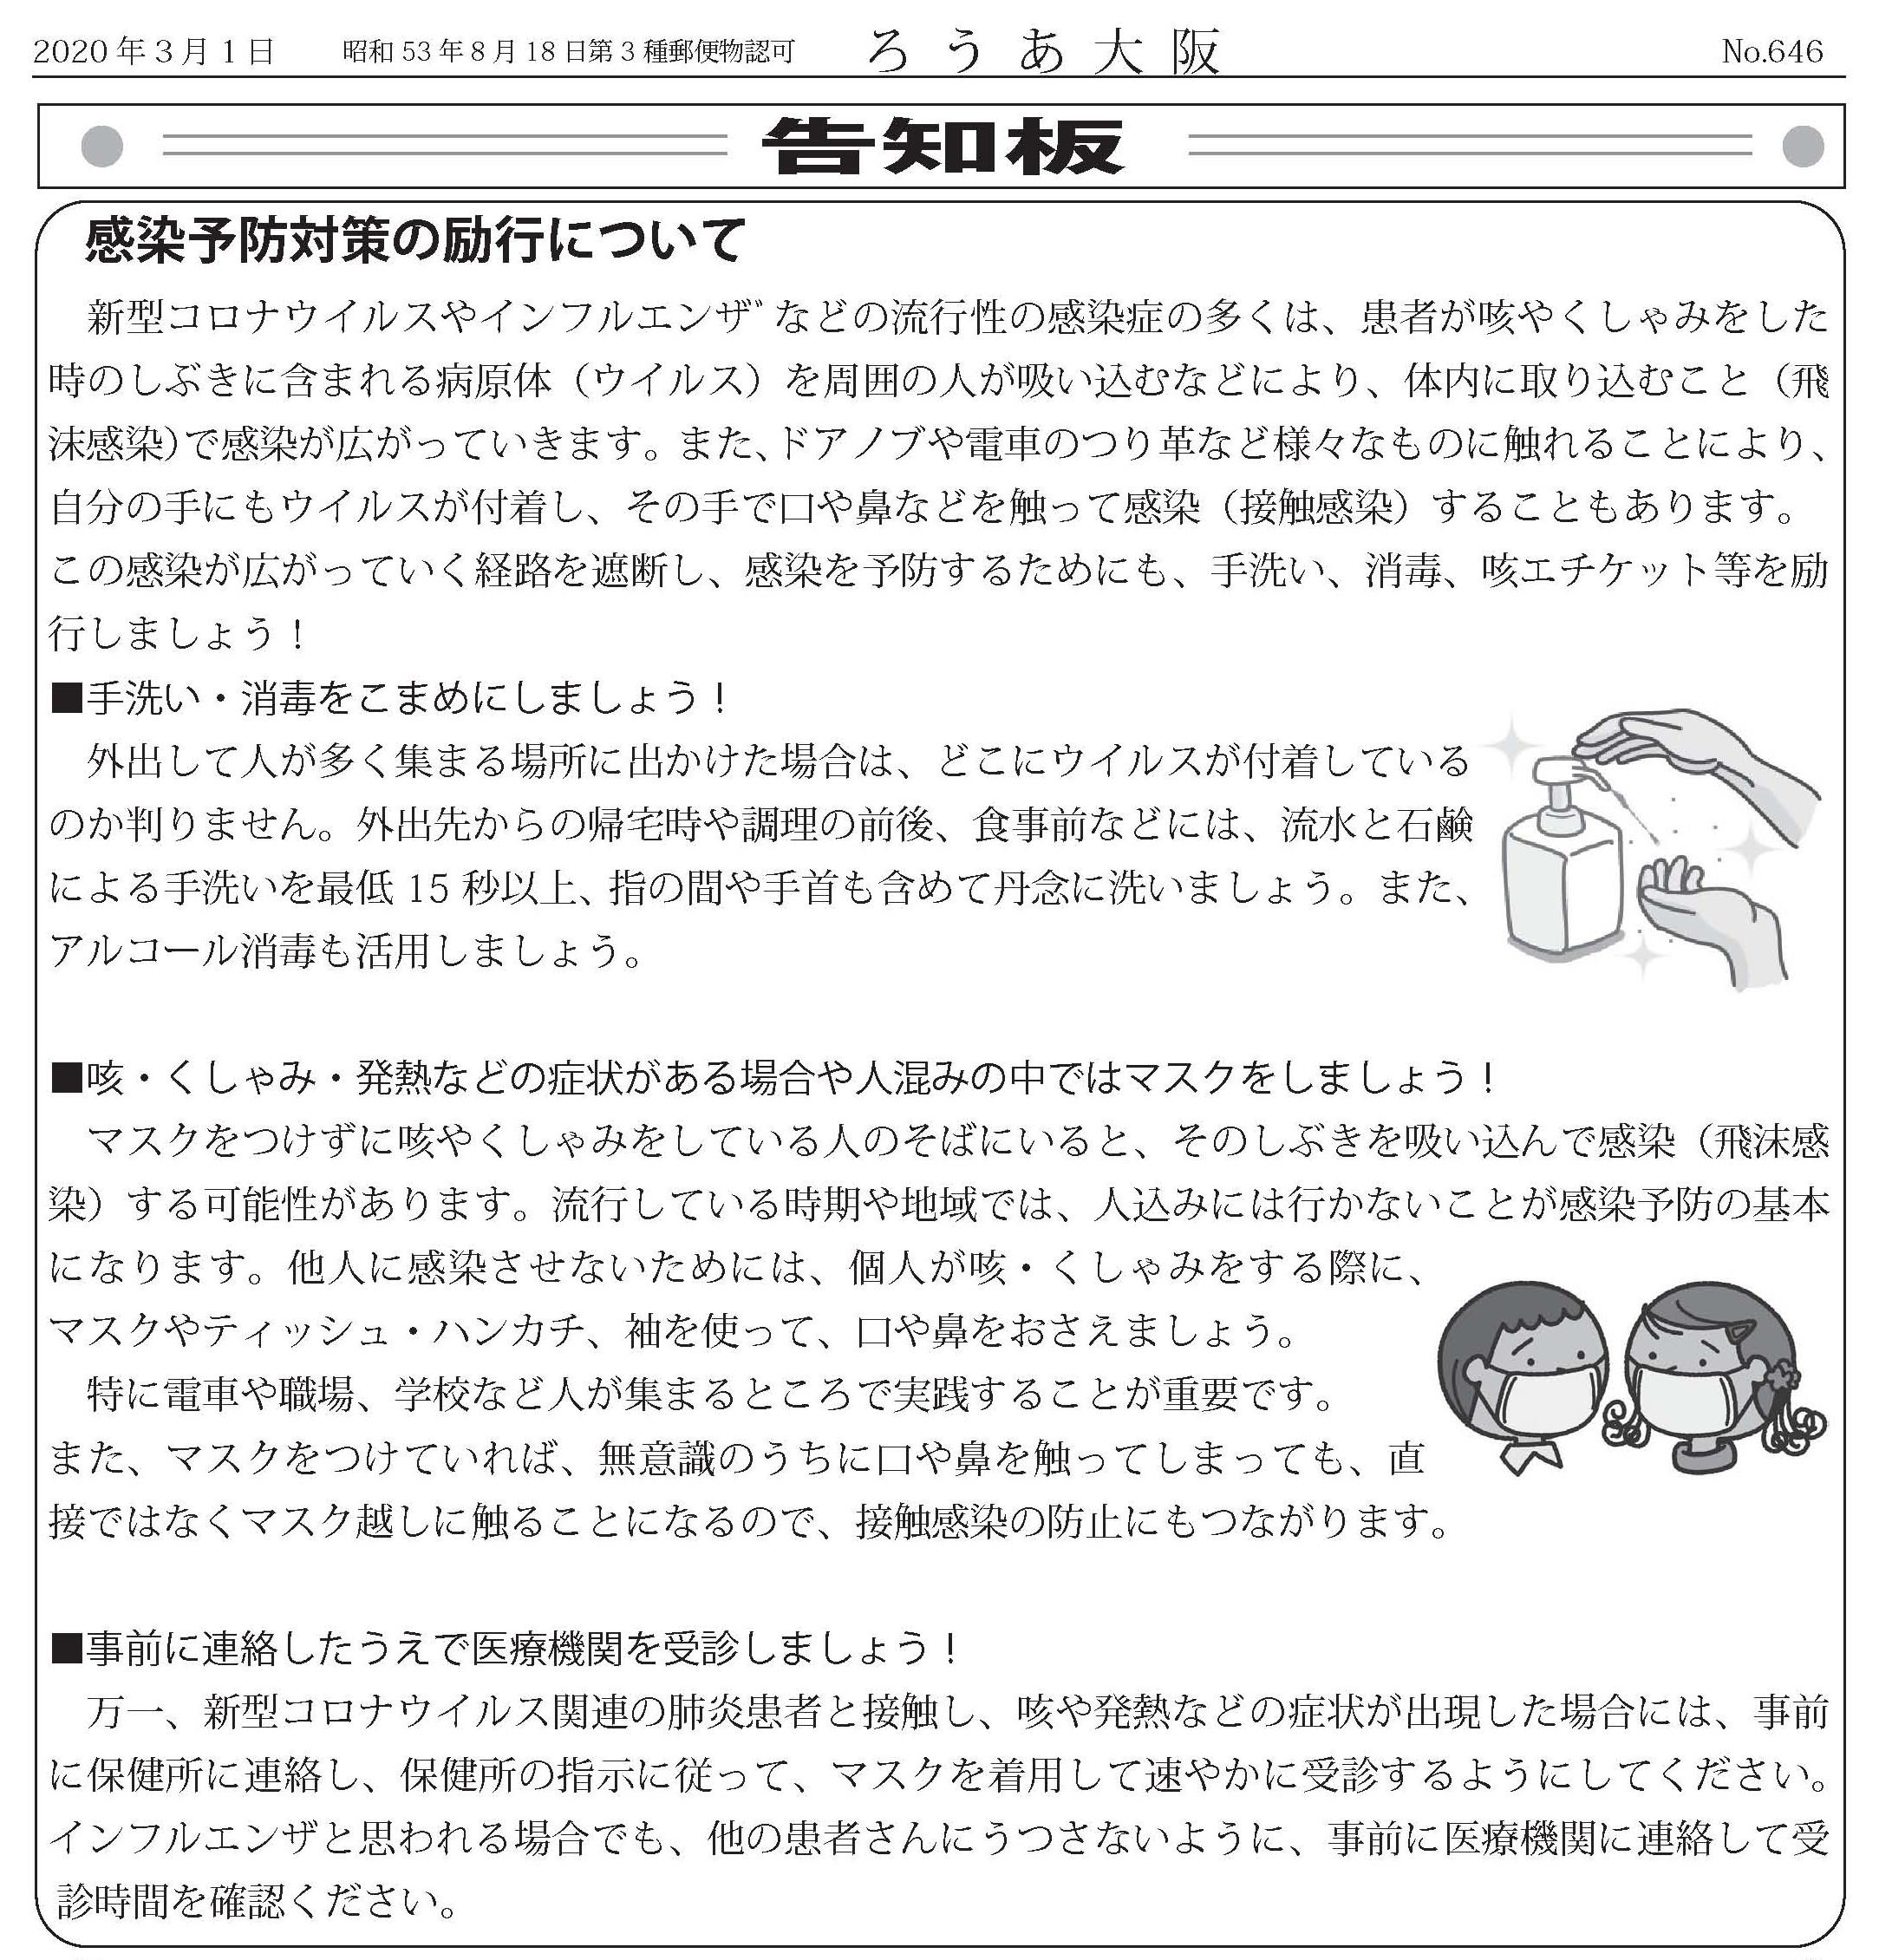 感染 数 者 大阪 コロナ 市